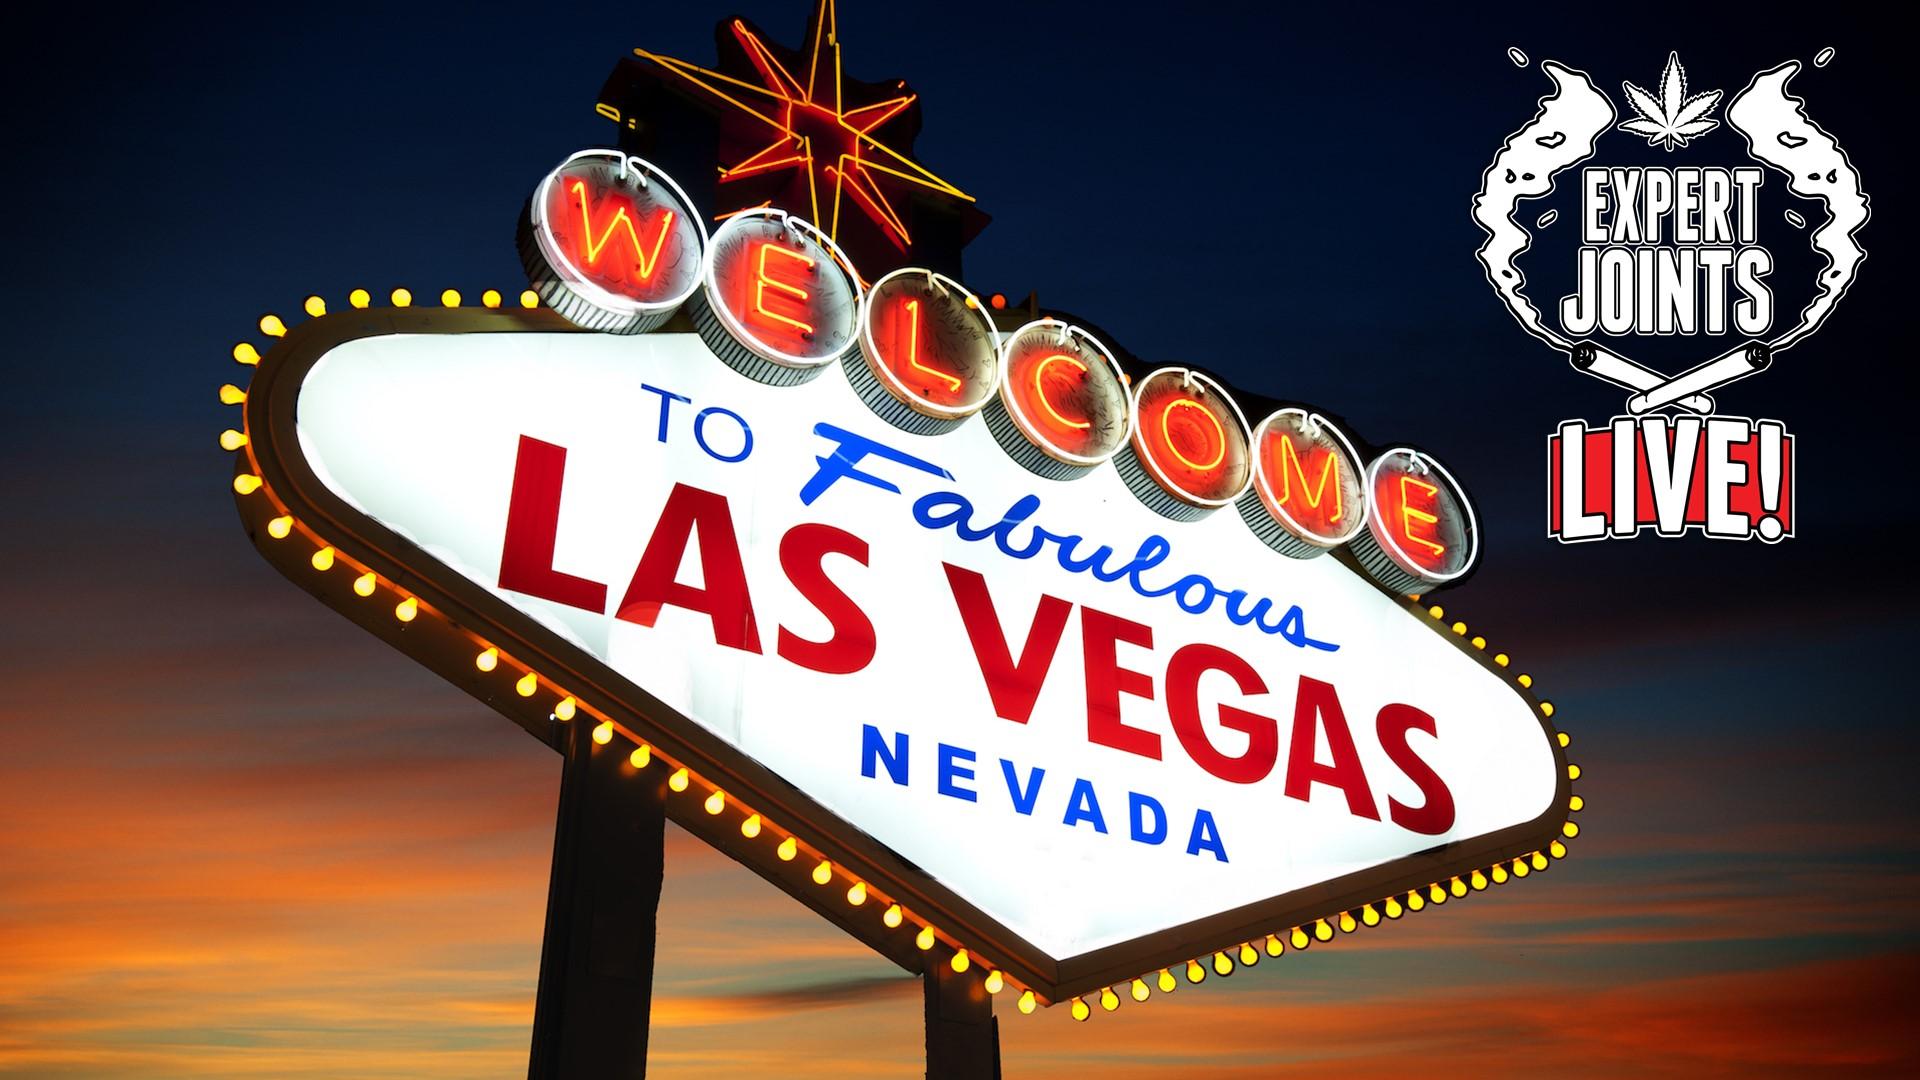 Expert Joints LIVE! on Pot TV: Viva Las Vegas